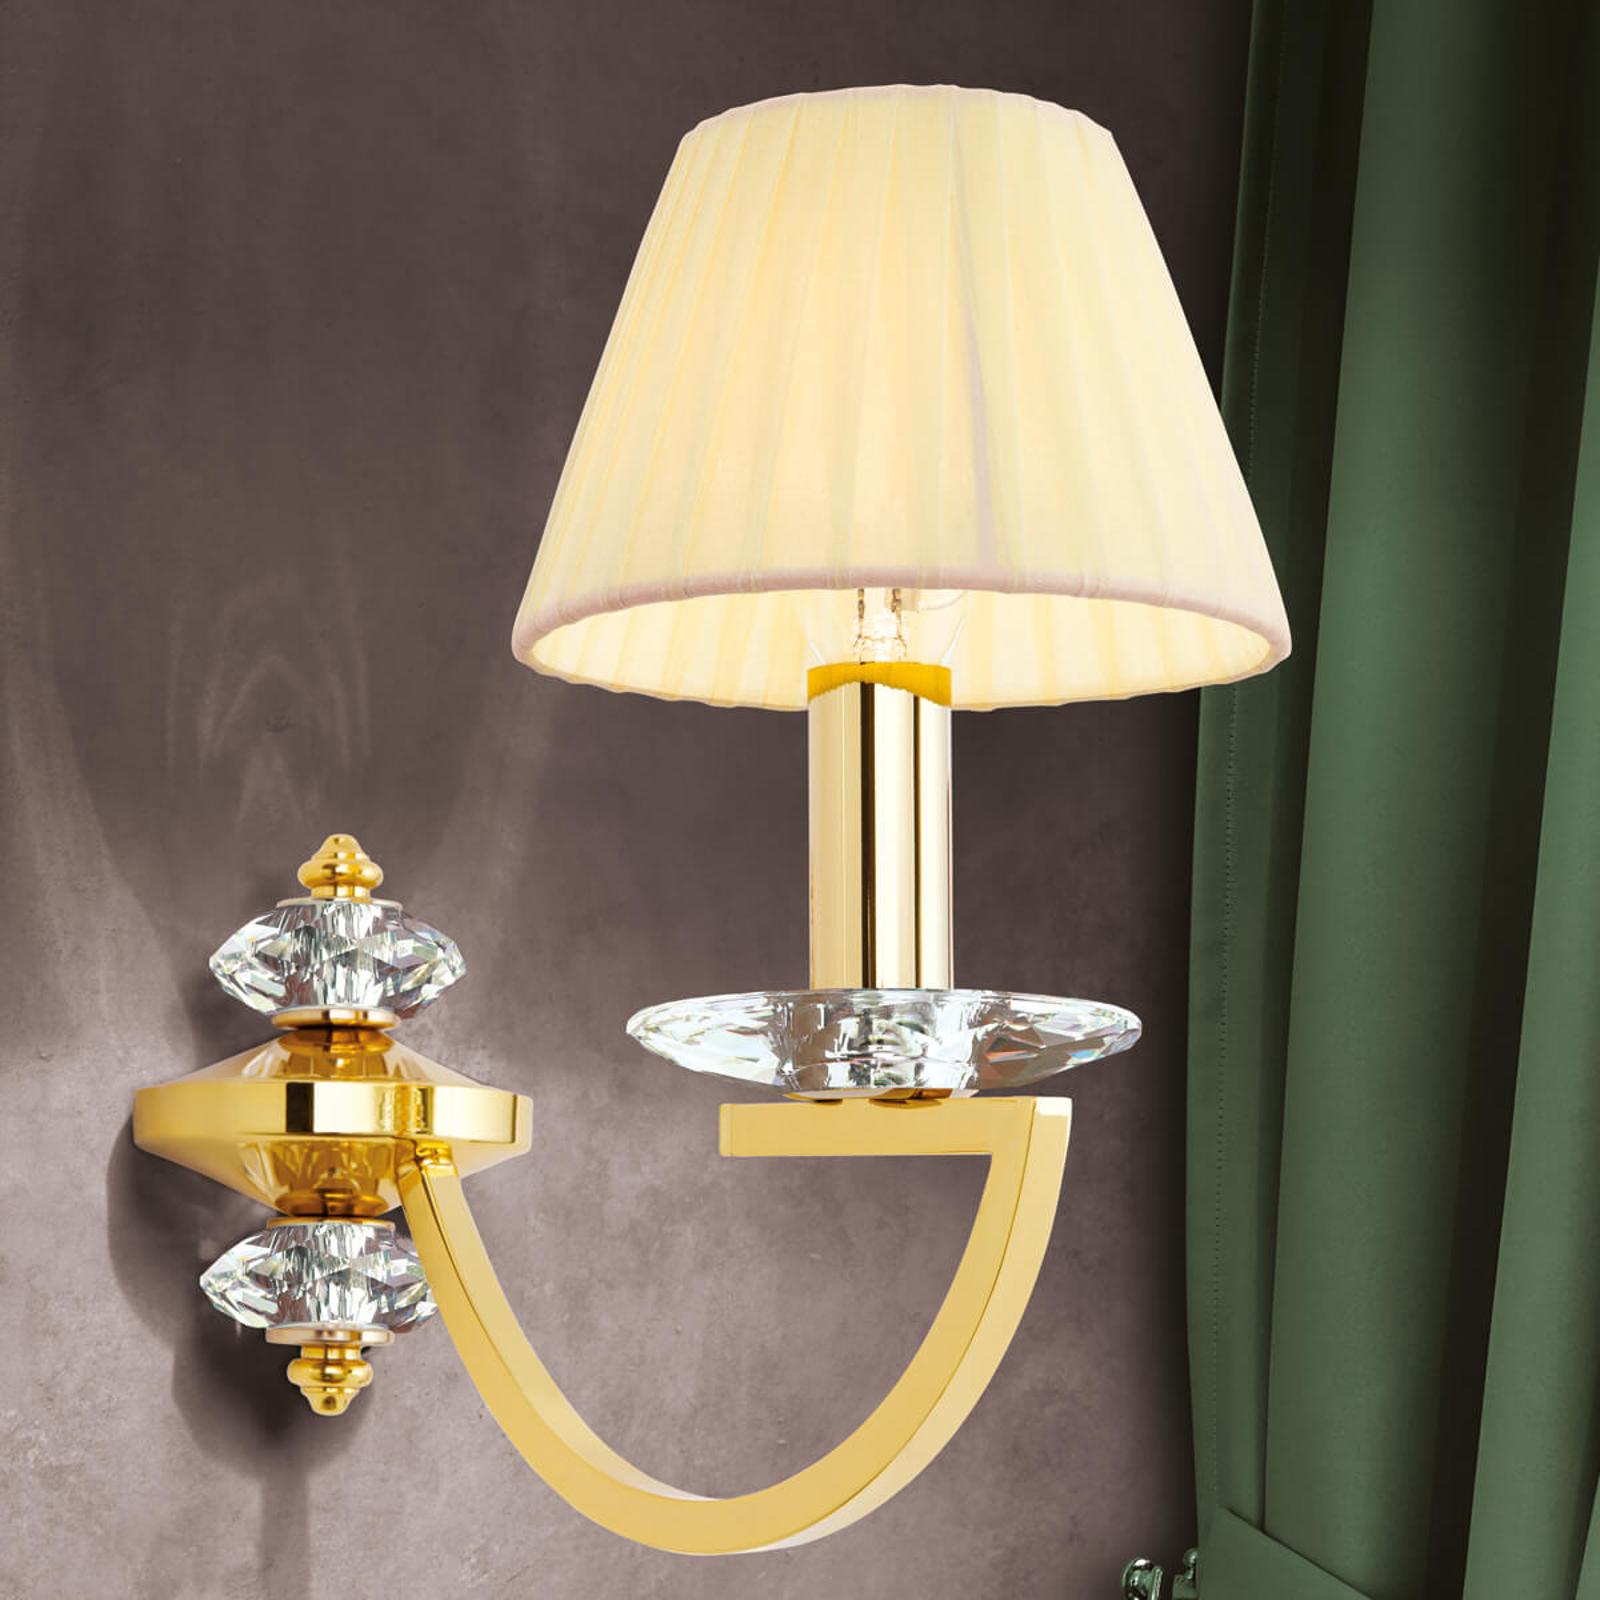 Uitstekende wandlamp Avala van massief messing